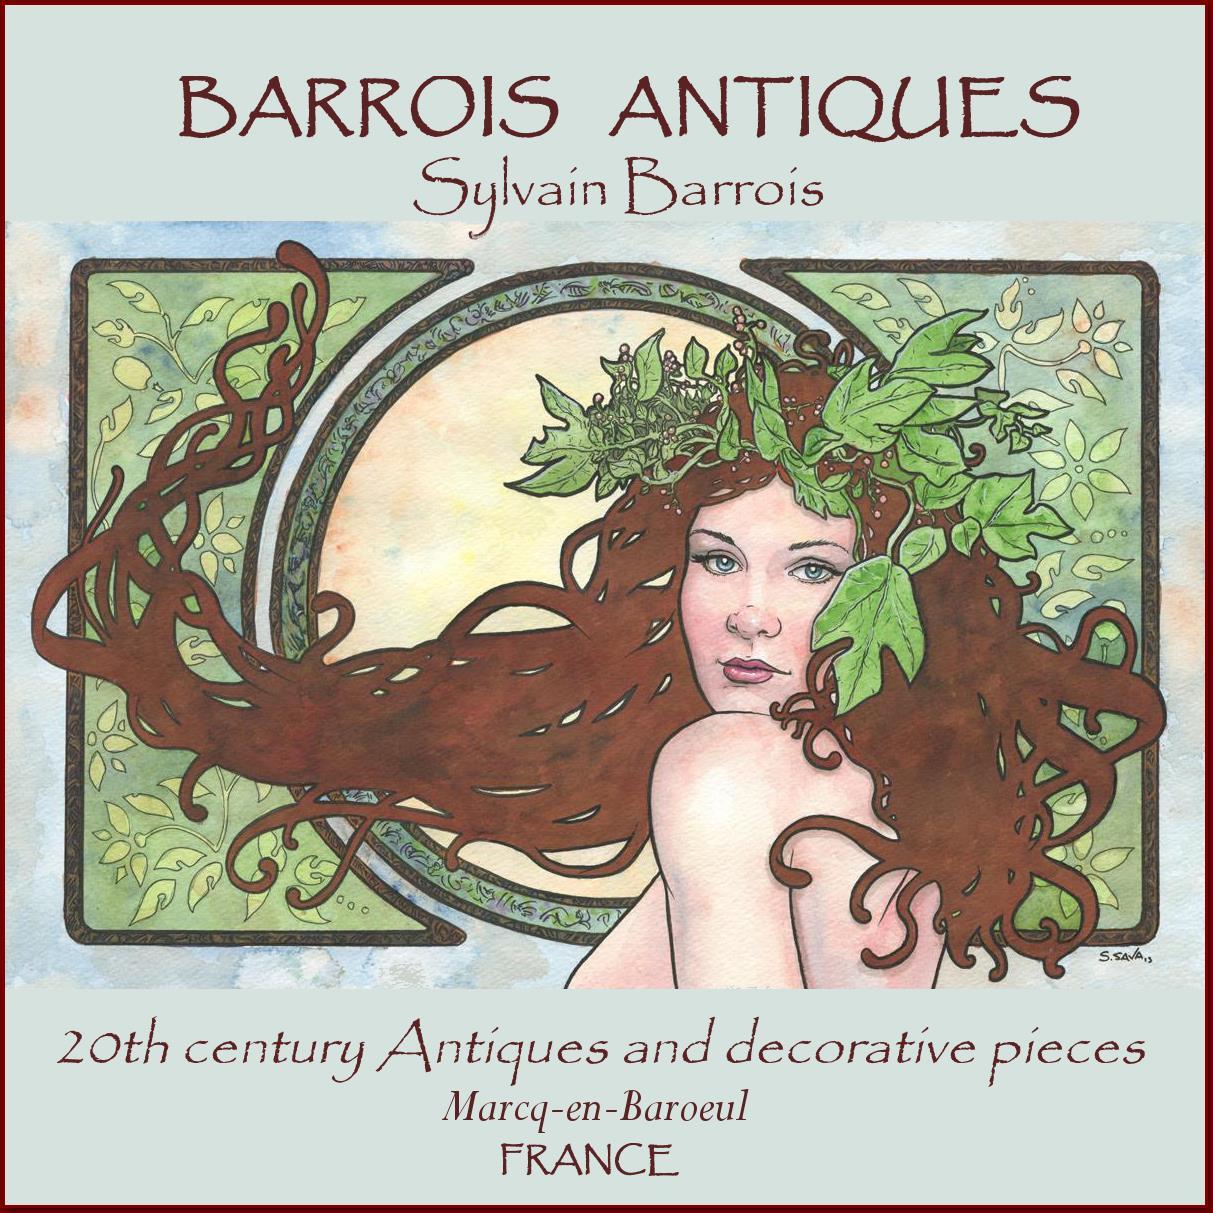 Barrois Antiques